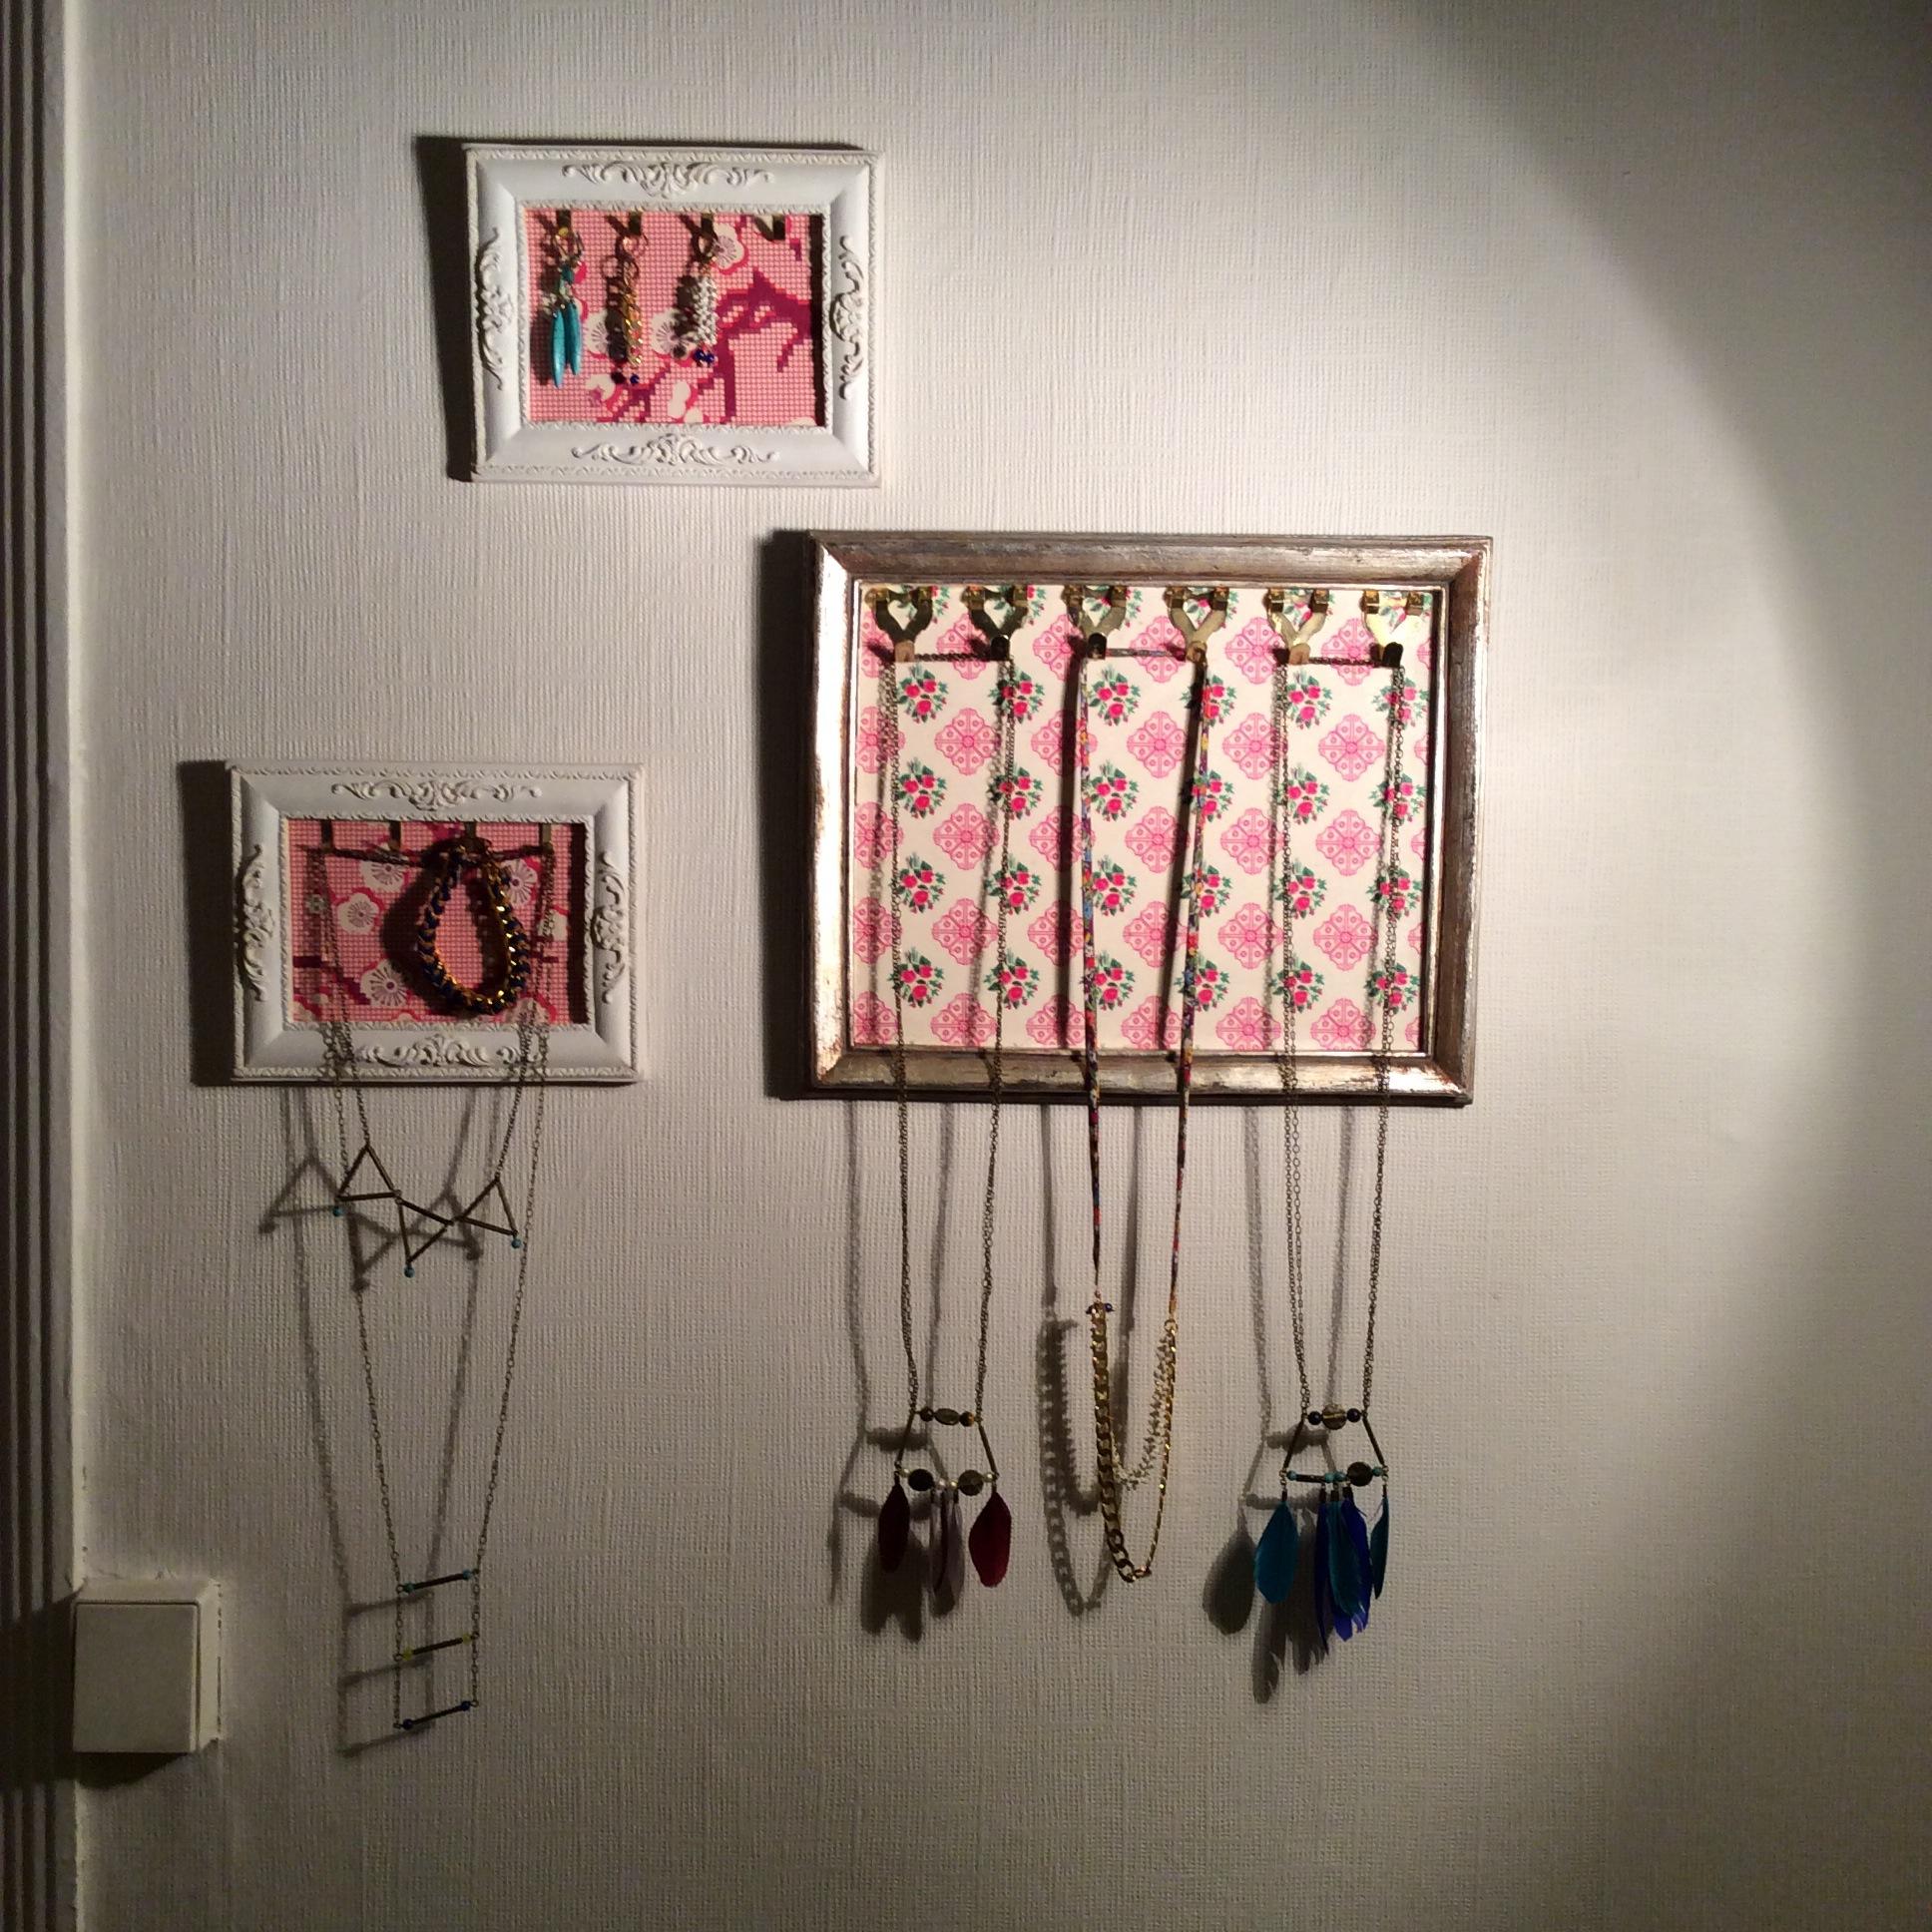 ide porte bijoux affordable porte bijoux cadre dressing bracelet collier et accessoire cuivre. Black Bedroom Furniture Sets. Home Design Ideas